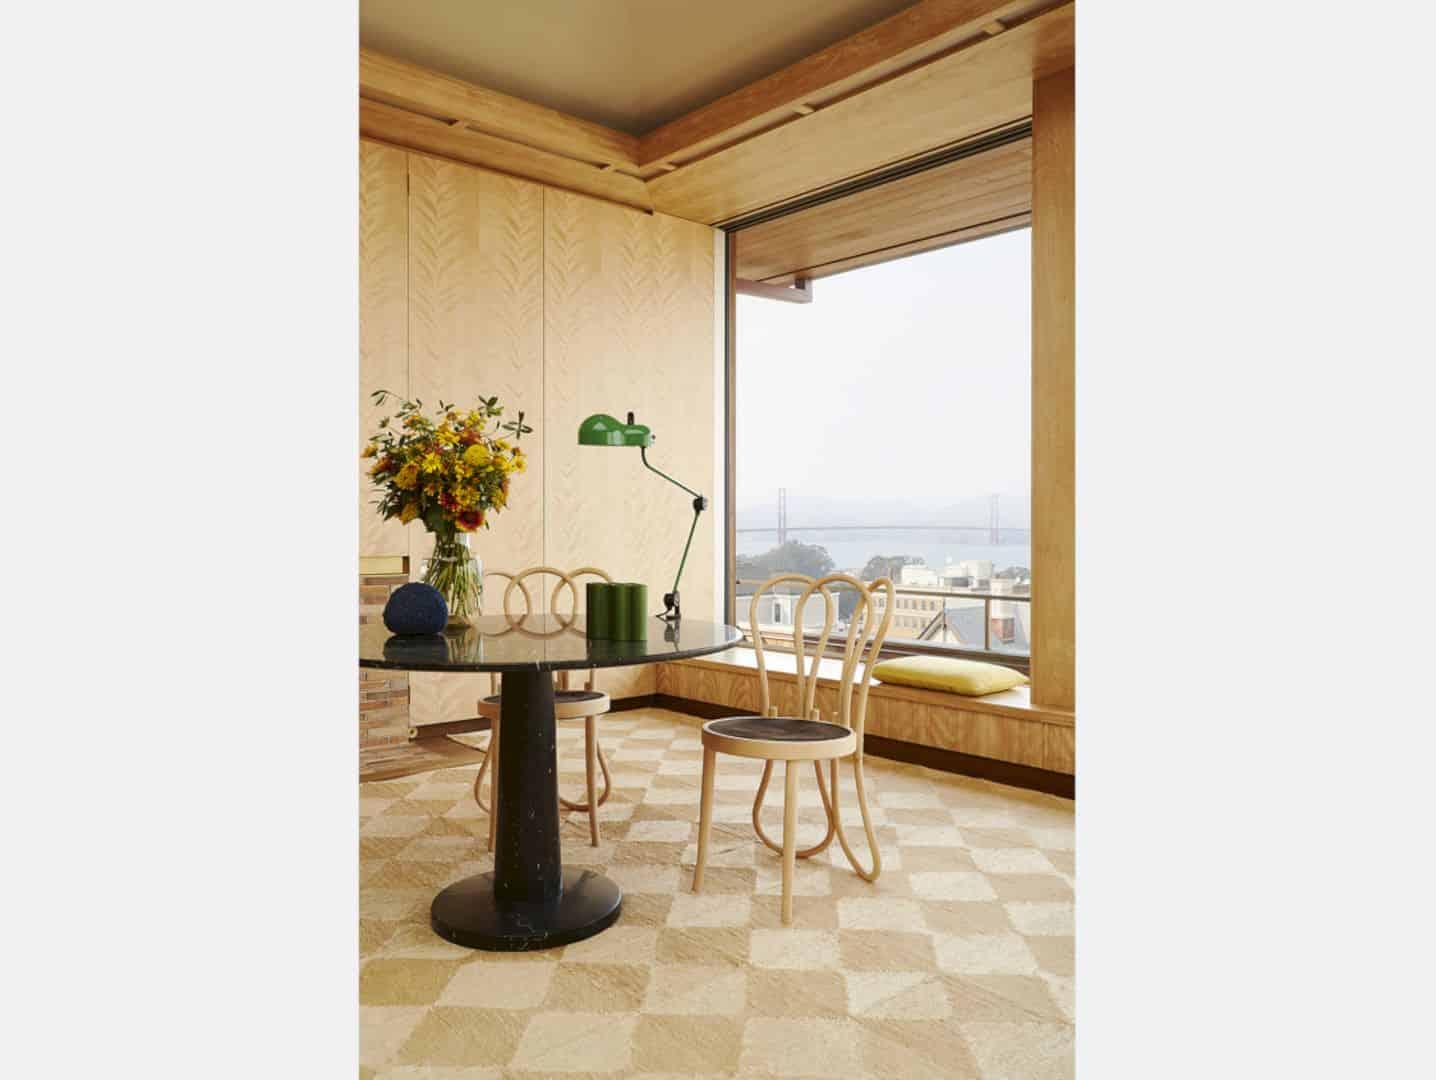 JACKSON HOUSE By Marmol Radziner Architecturer 5